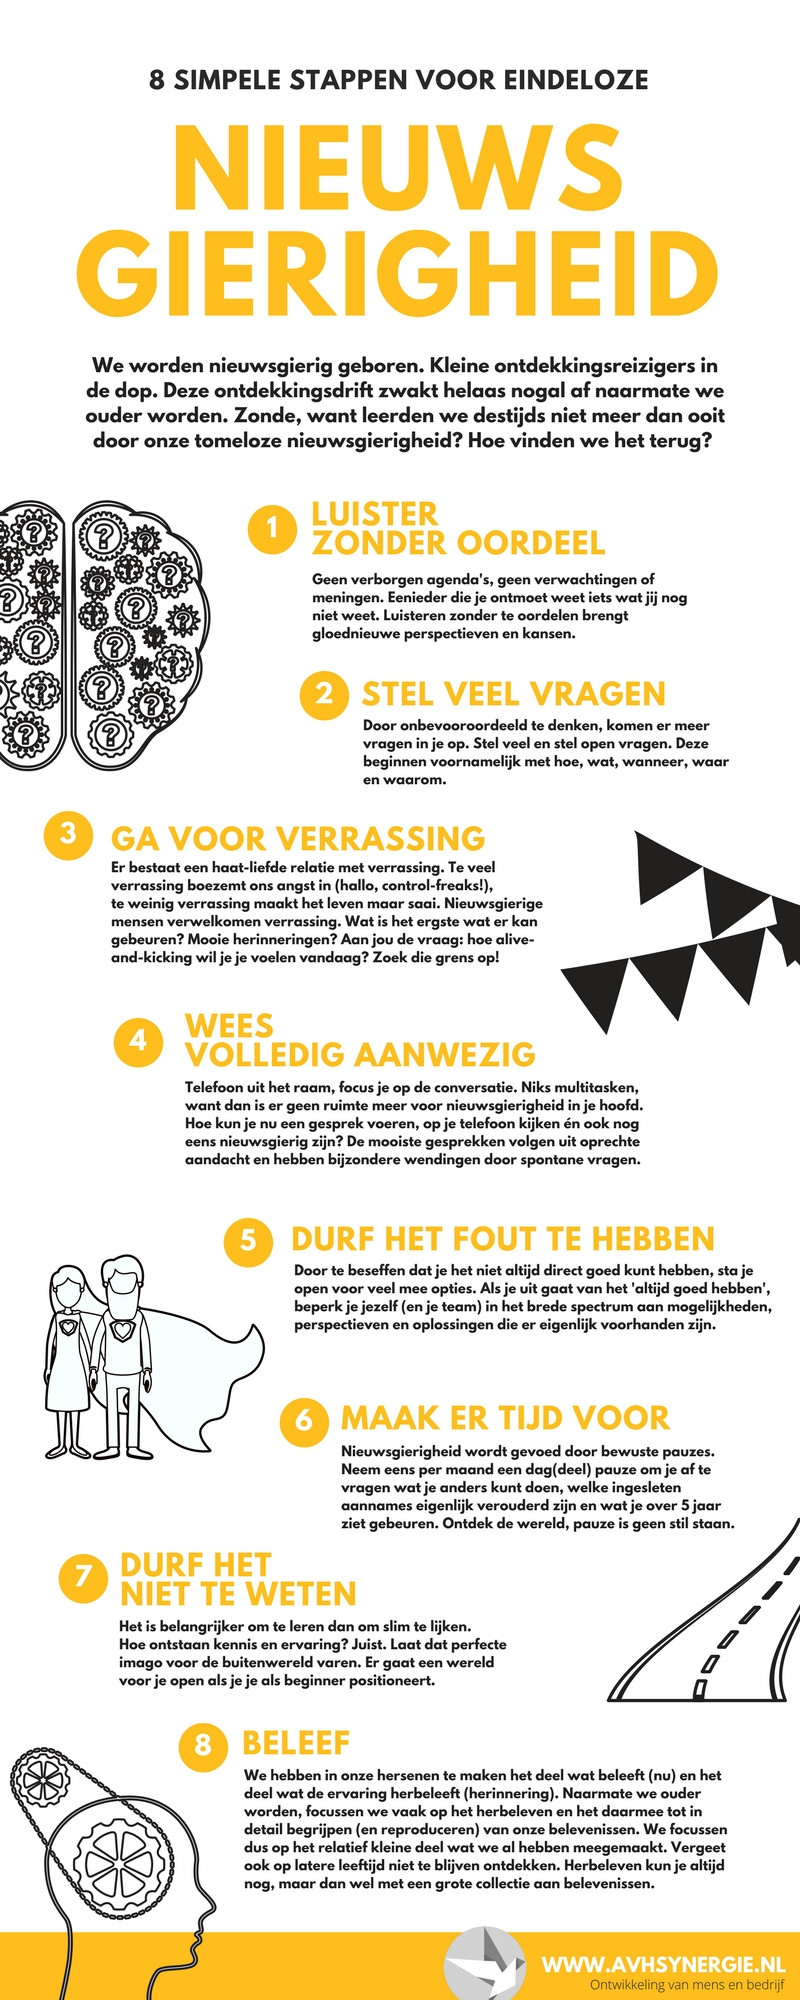 8 simpele stappen voor eindeloze nieuwsgierigheid